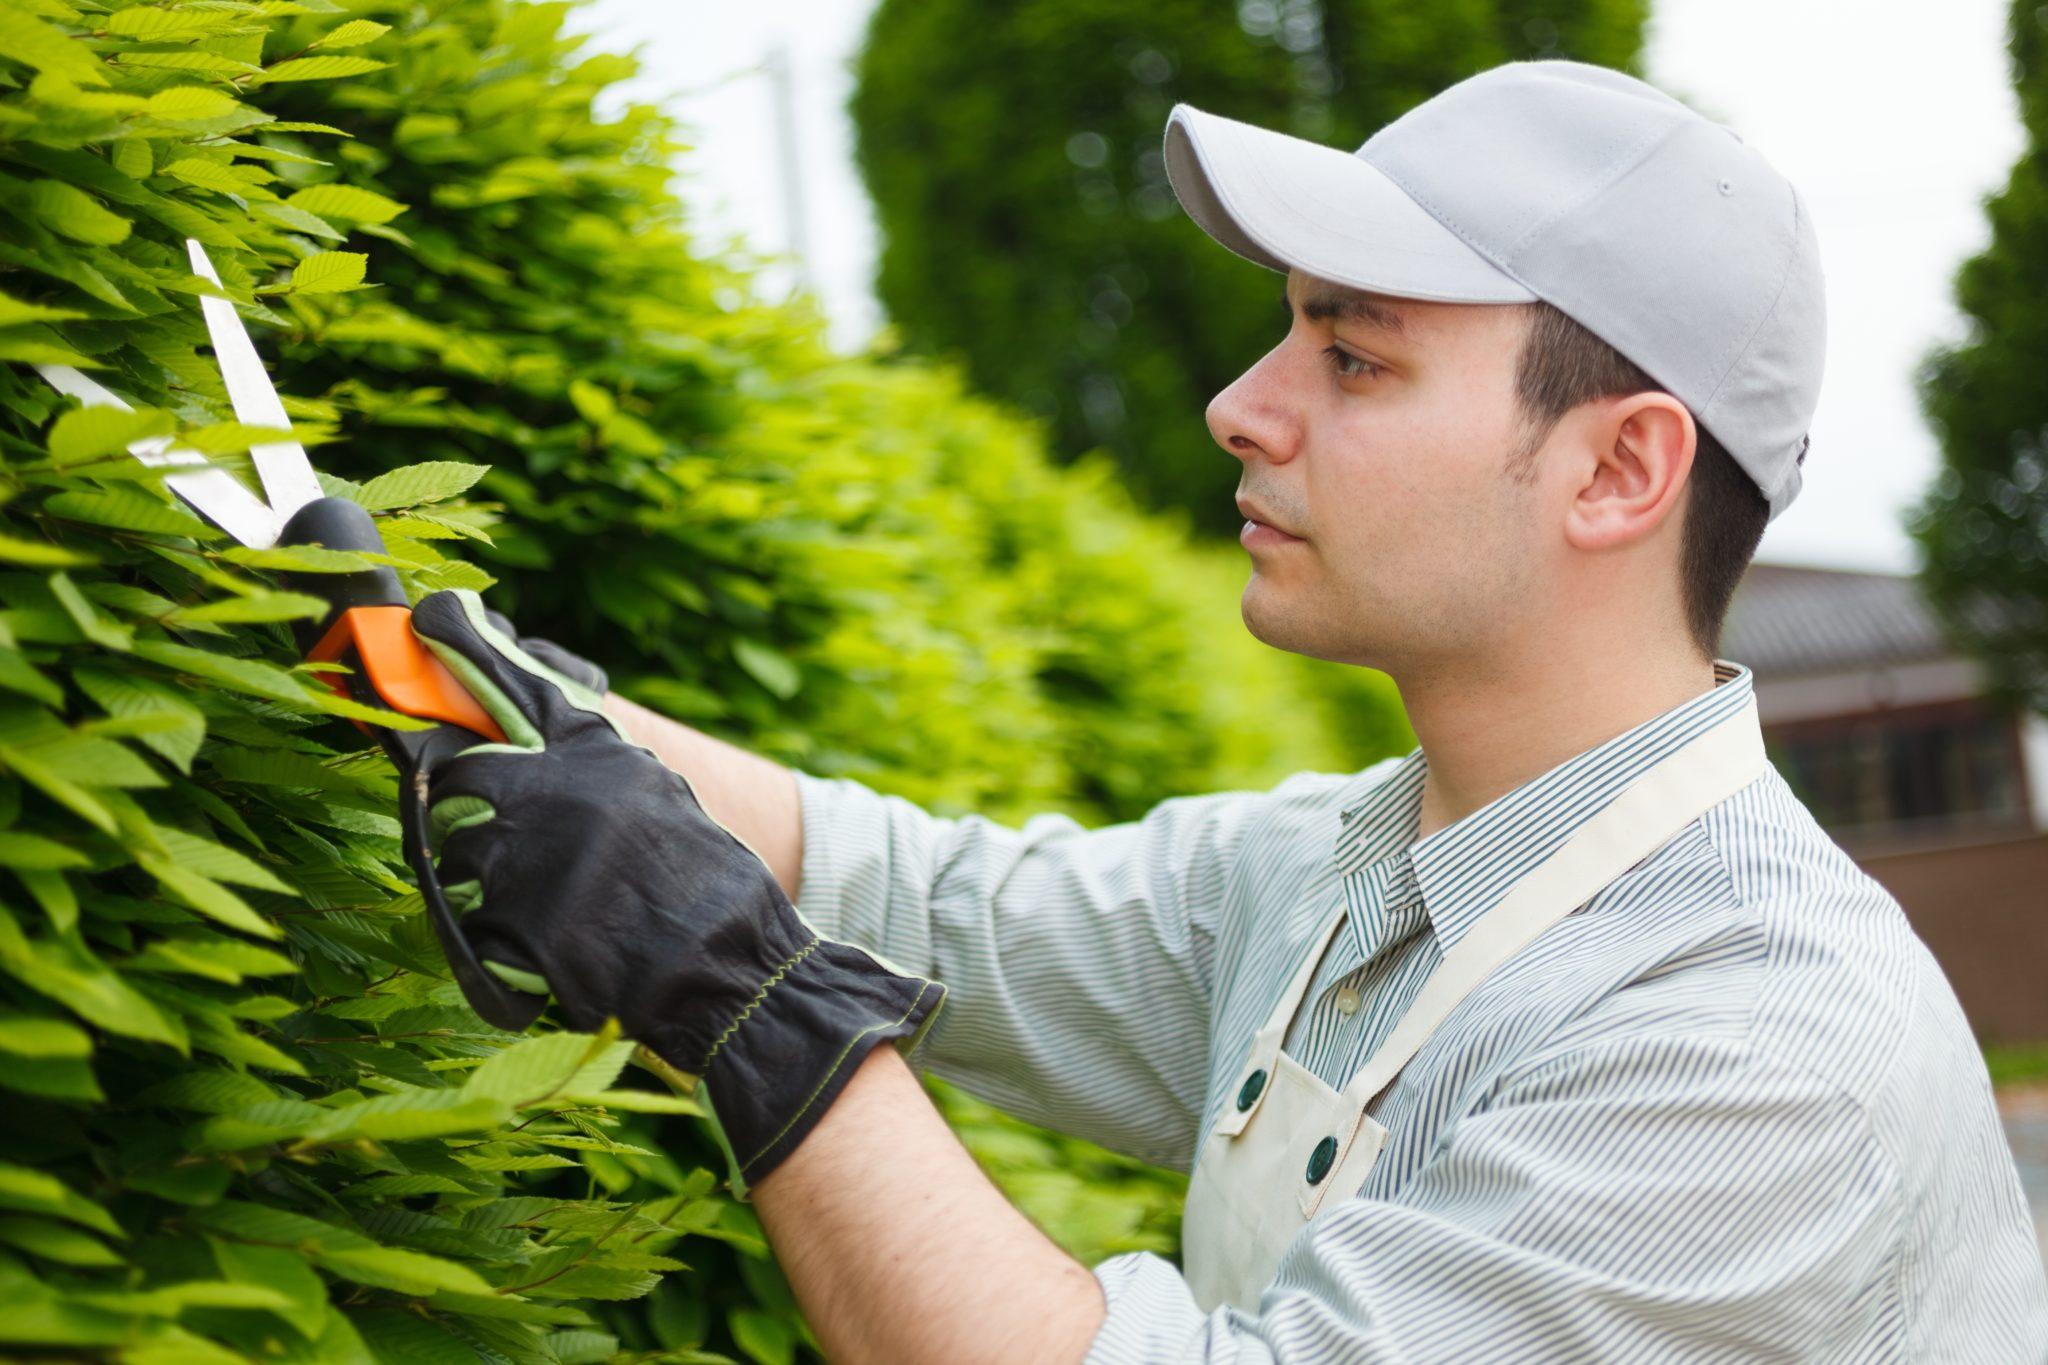 Addetto all'opera nella manutenzione del verde.